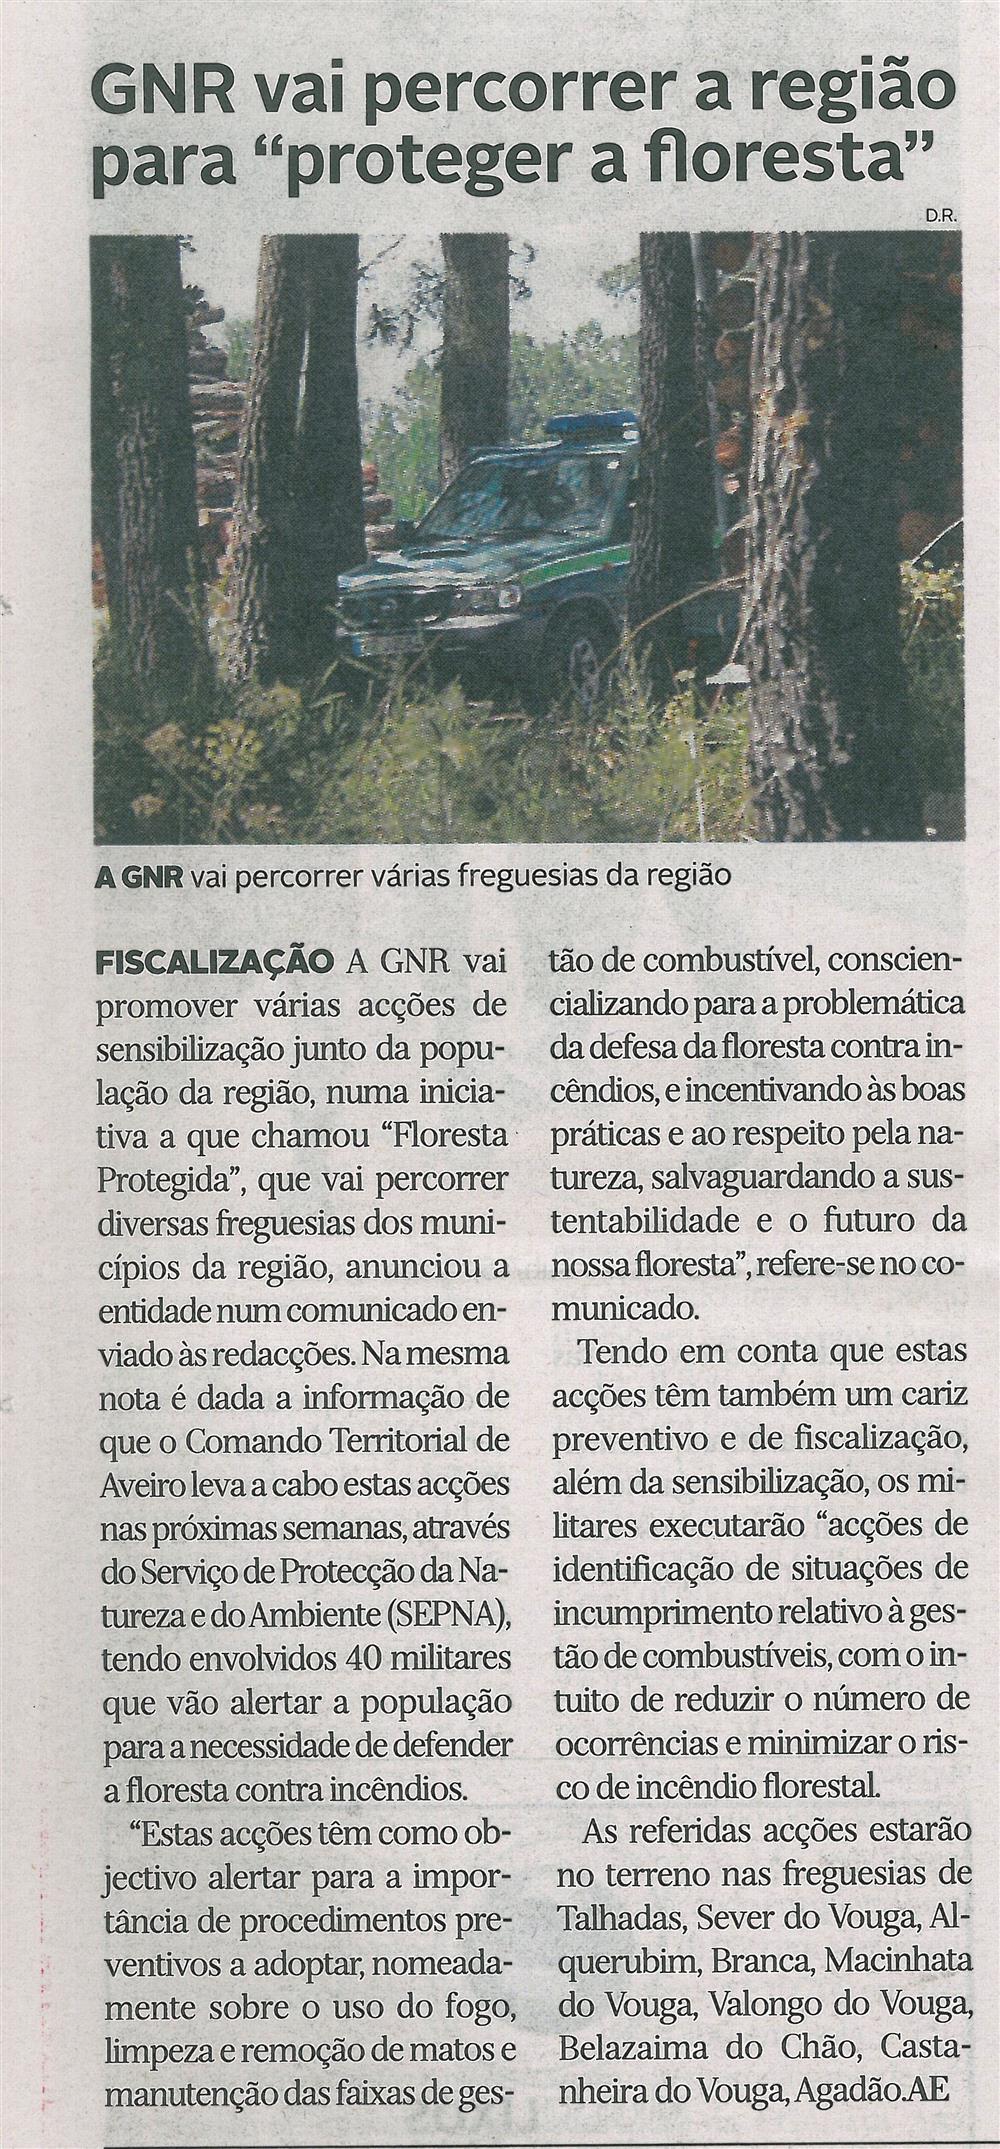 DA-31mar.'16-p.32-GNR vai percorrer a região para proteger a floresta.jpg